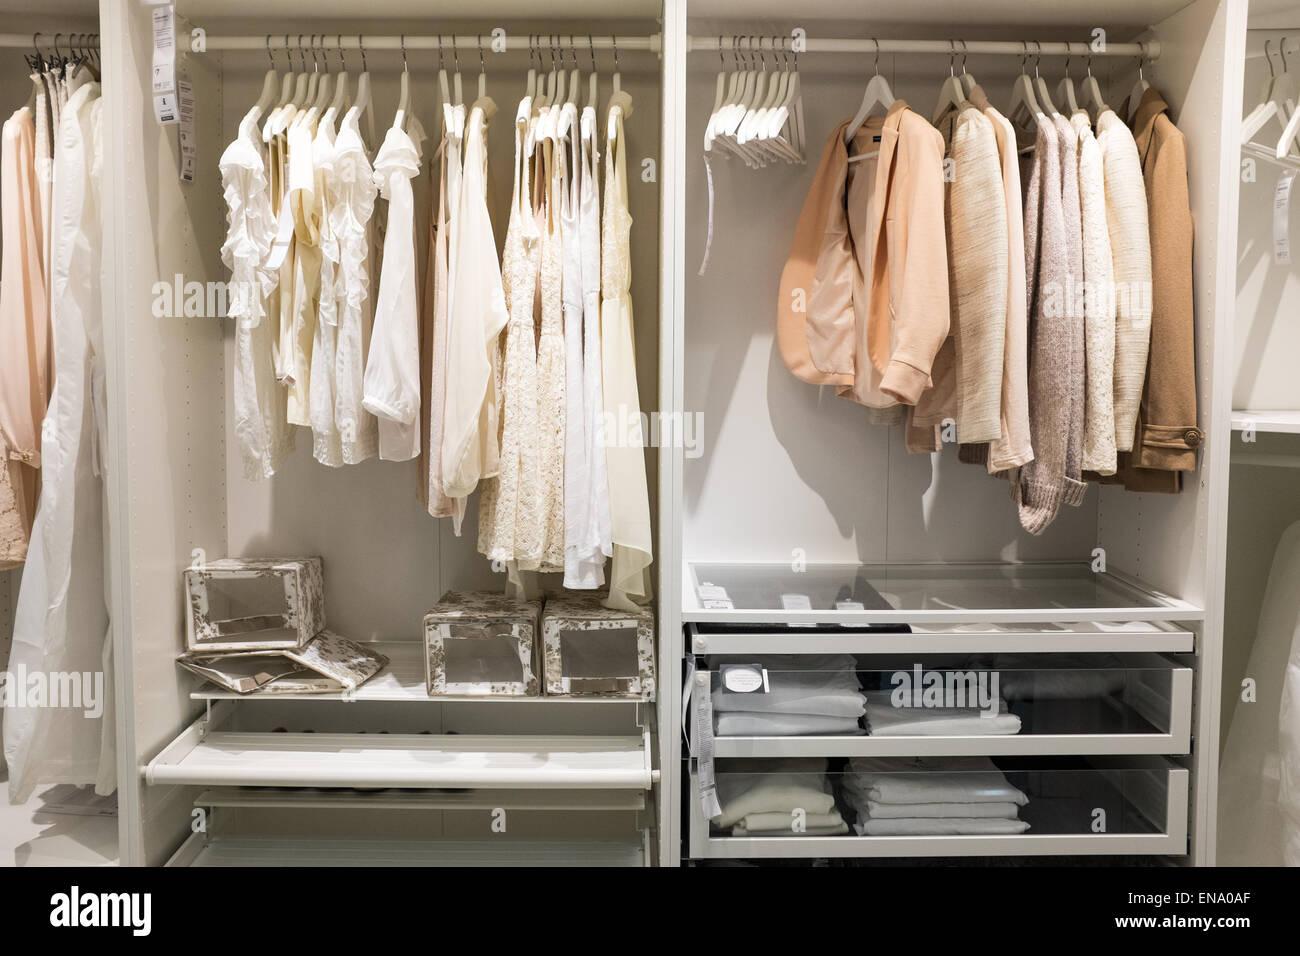 Letto Armadio Ikea : Camera da letto armadio display a ikea con vestiti su appendiabiti